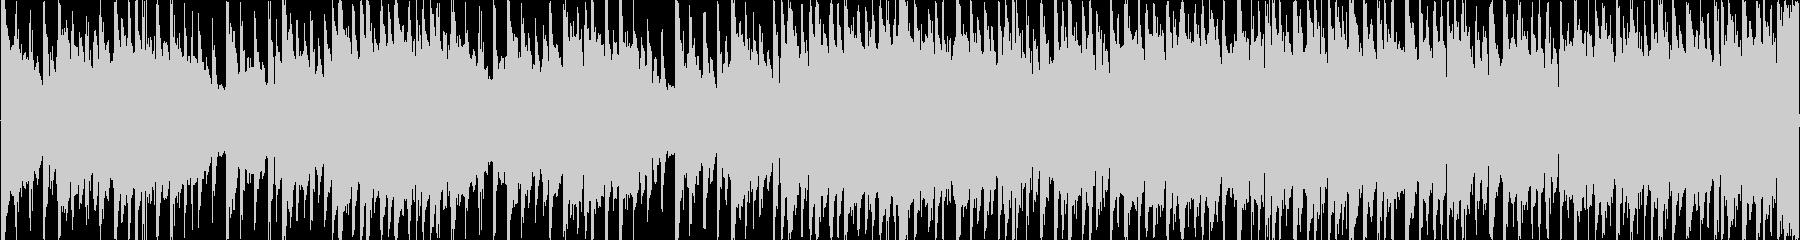 8bitチューンのRPG戦闘用楽曲1の未再生の波形